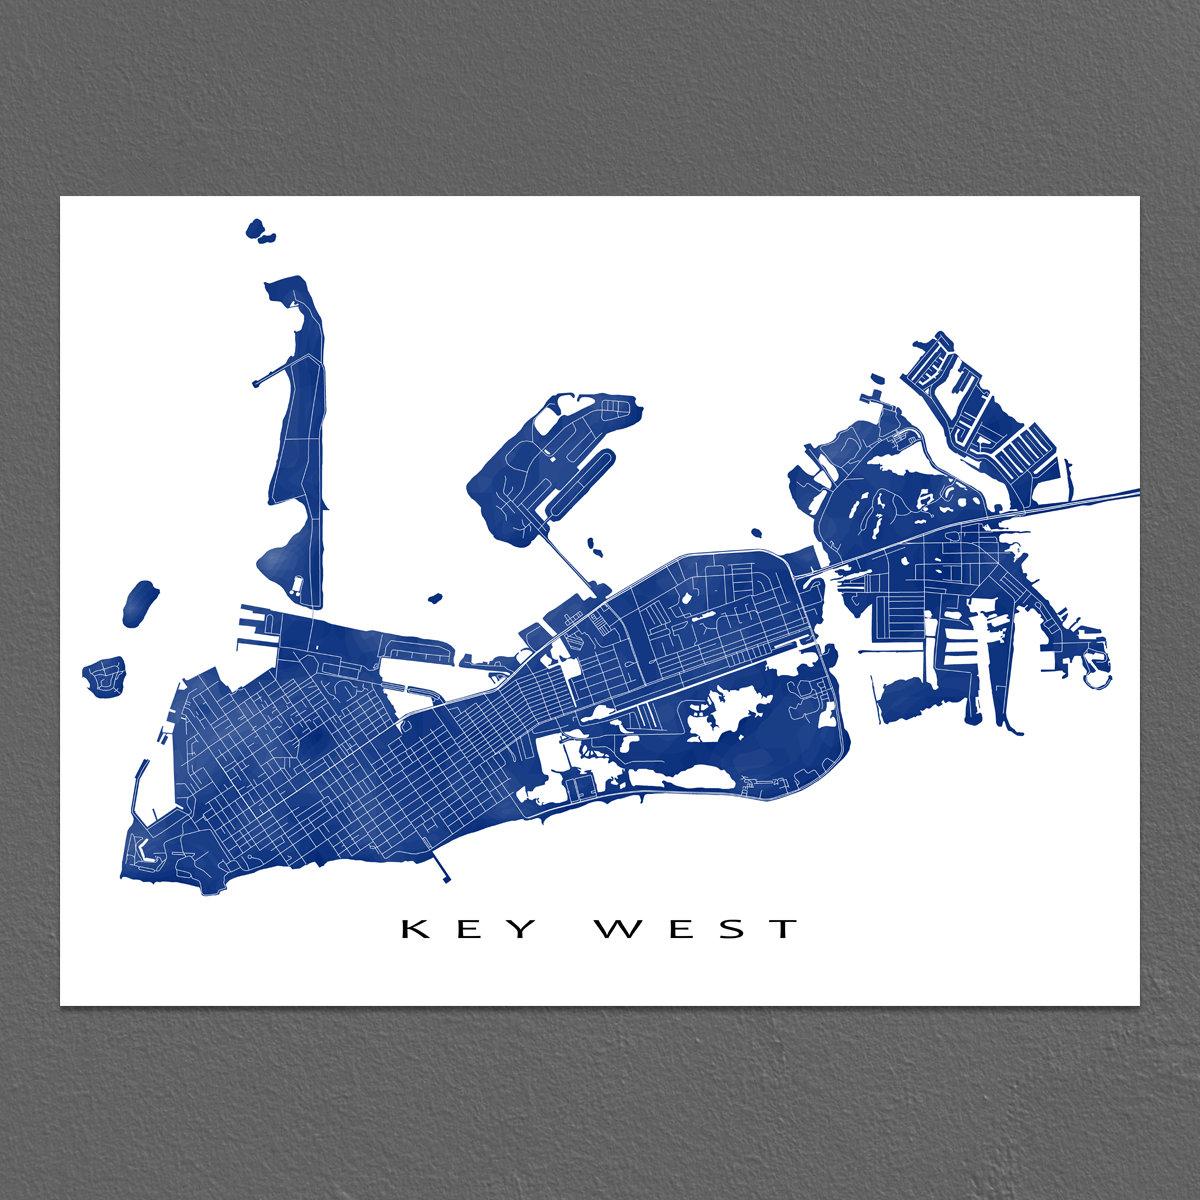 Key West Map Print Key West Florida Keys Art Key West Decor | Etsy - Florida Keys Map Art